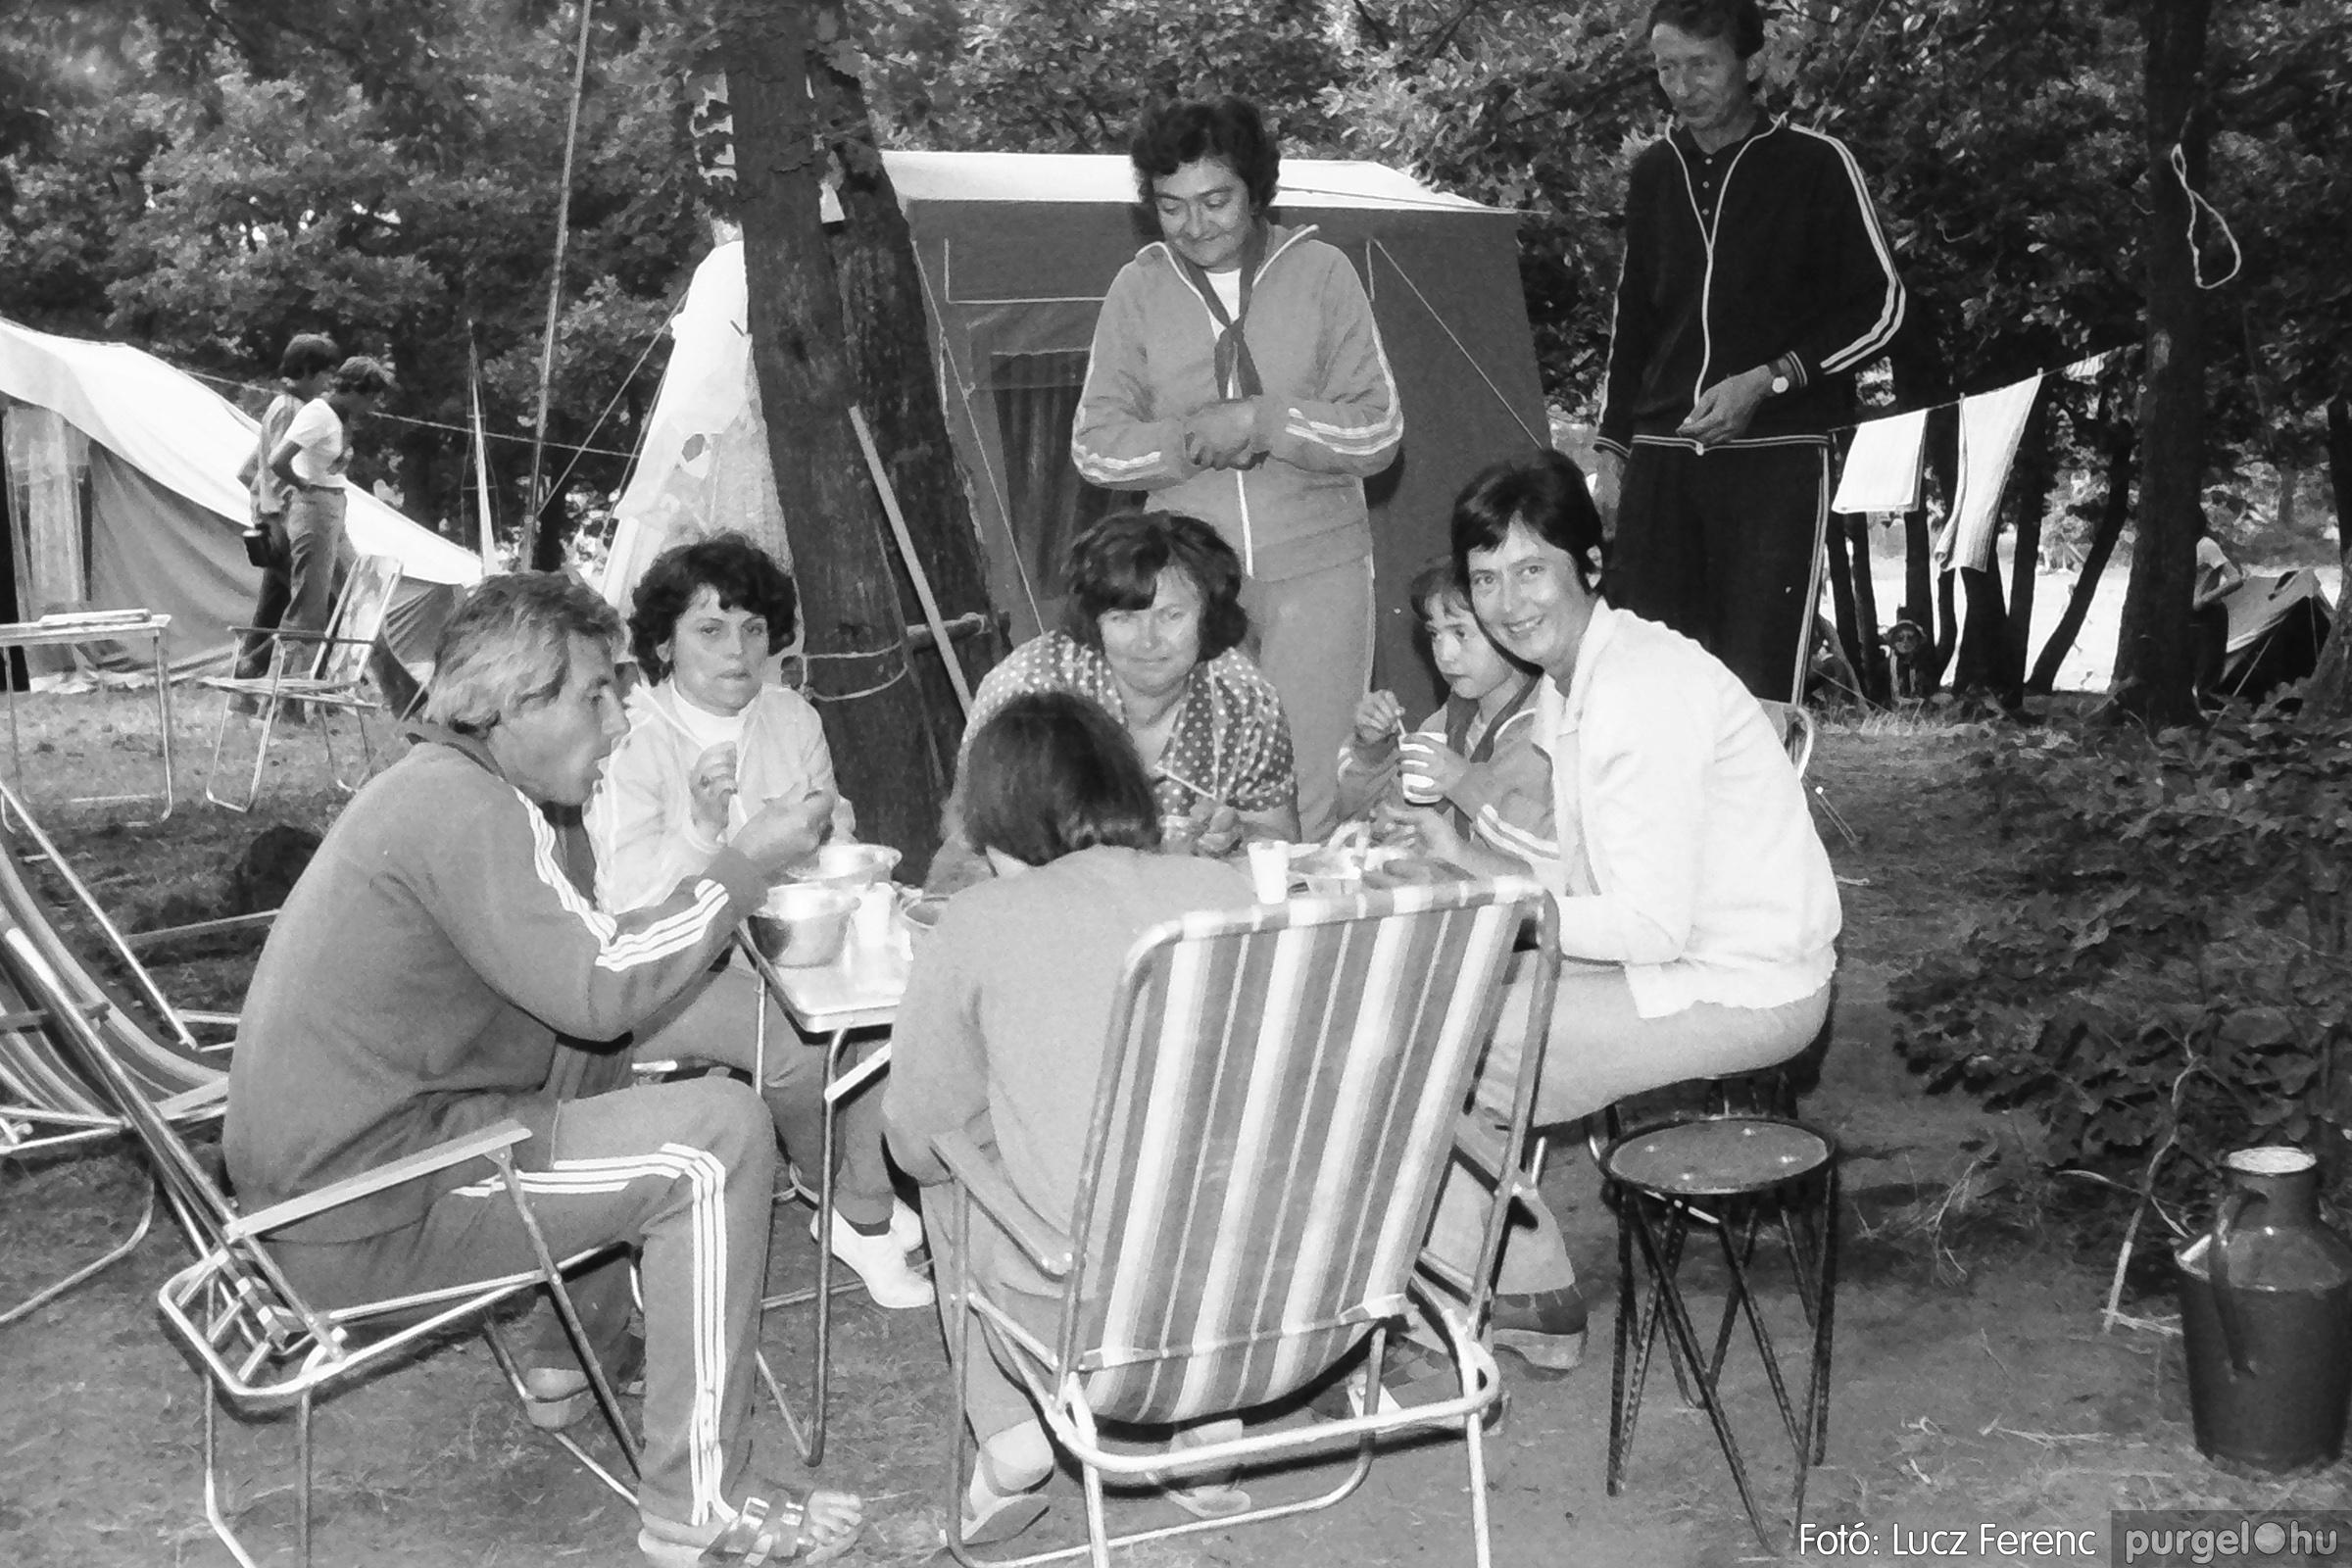 086, 088. 1977. Nyári tábor a Mátrában 004. - Fotó: Lucz Ferenc.jpg